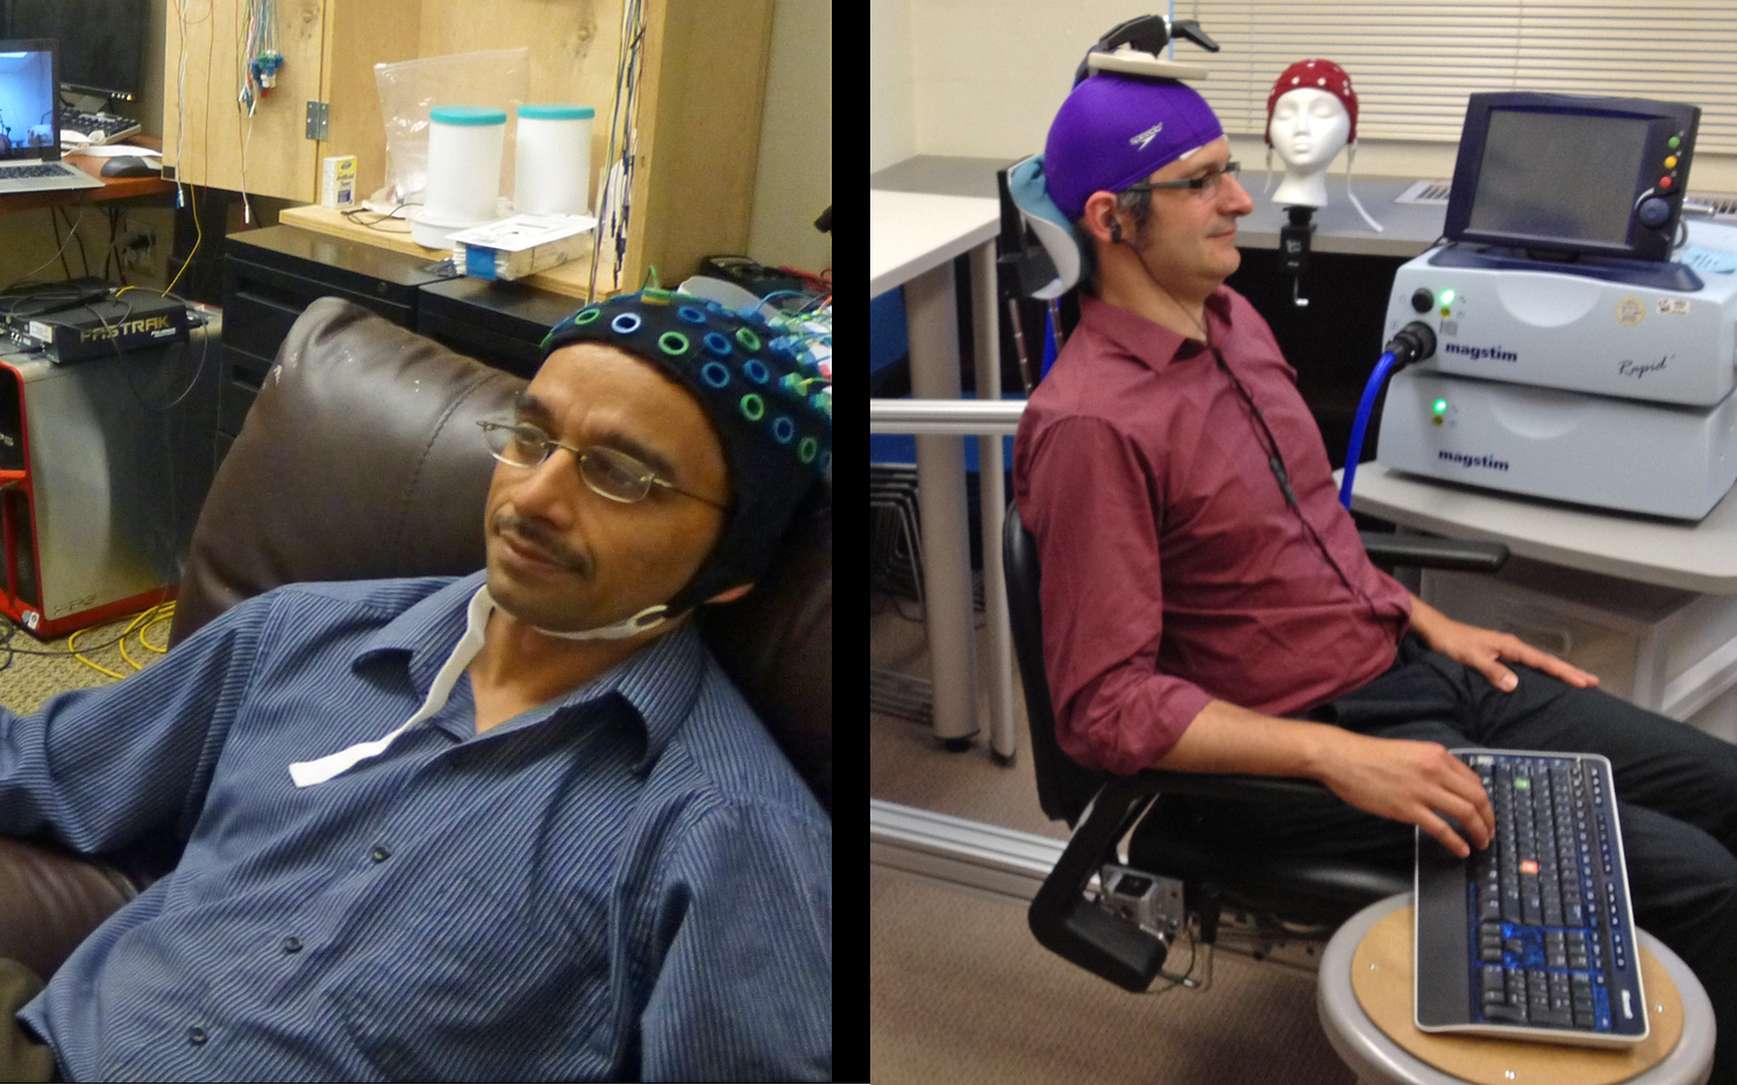 Ce n'est pas de la télépathie ni une vraie interface cerveau-cerveau, mais Rajesh Rao (à gauche) a réussi, à l'aide d'appareils médicaux et d'Internet, à forcer Andrea Stocco (à droite) à tapoter sur le clavier au bon moment lorsqu'il jouait à un jeu vidéo. © Université de Washington